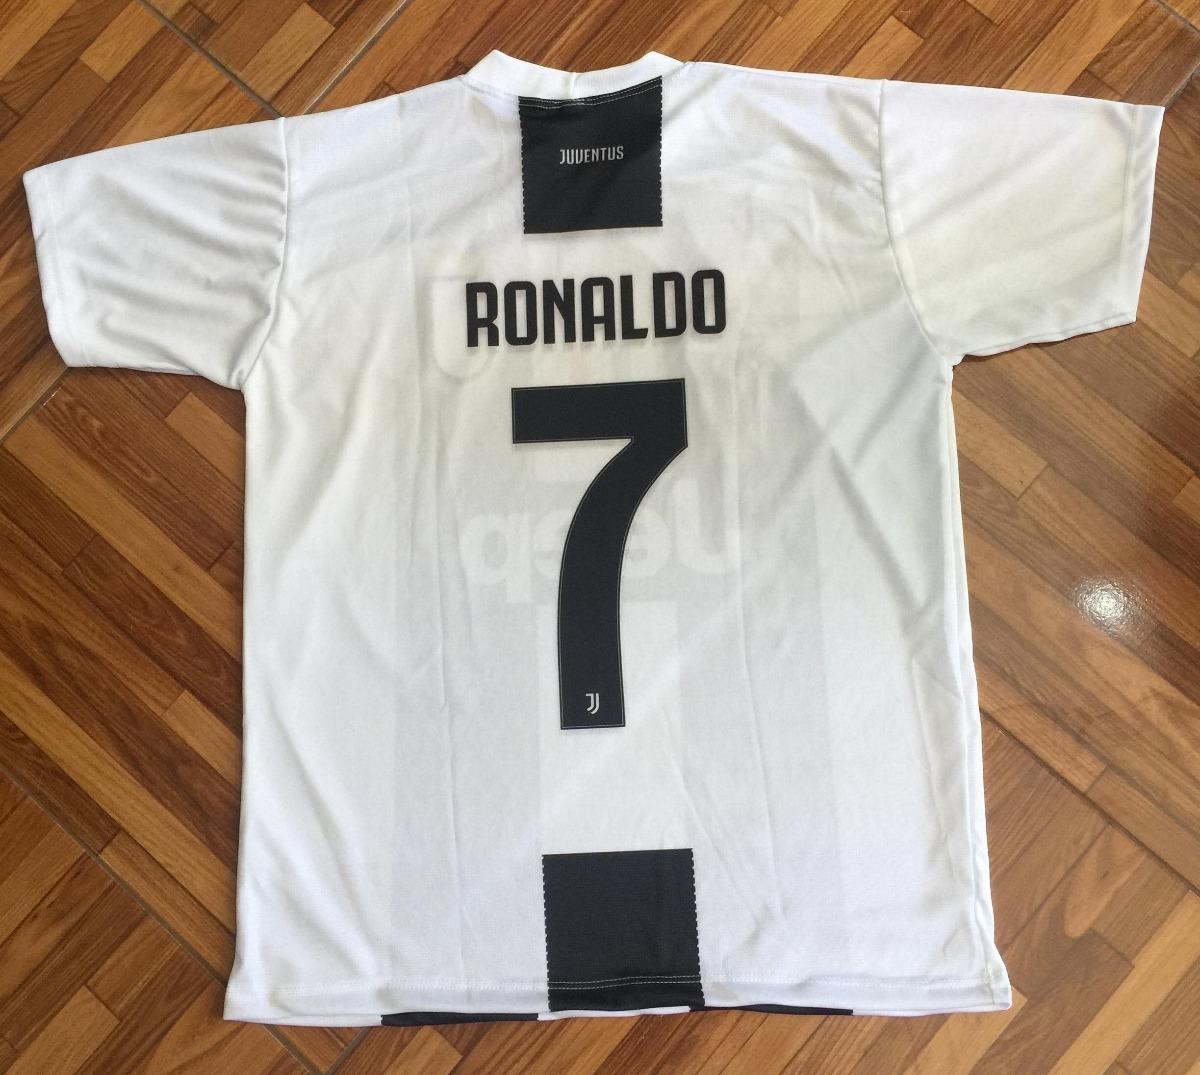 e2638da81 camisa camiseta blusa juventus cristiano ronaldo 2018-2019. Carregando zoom.